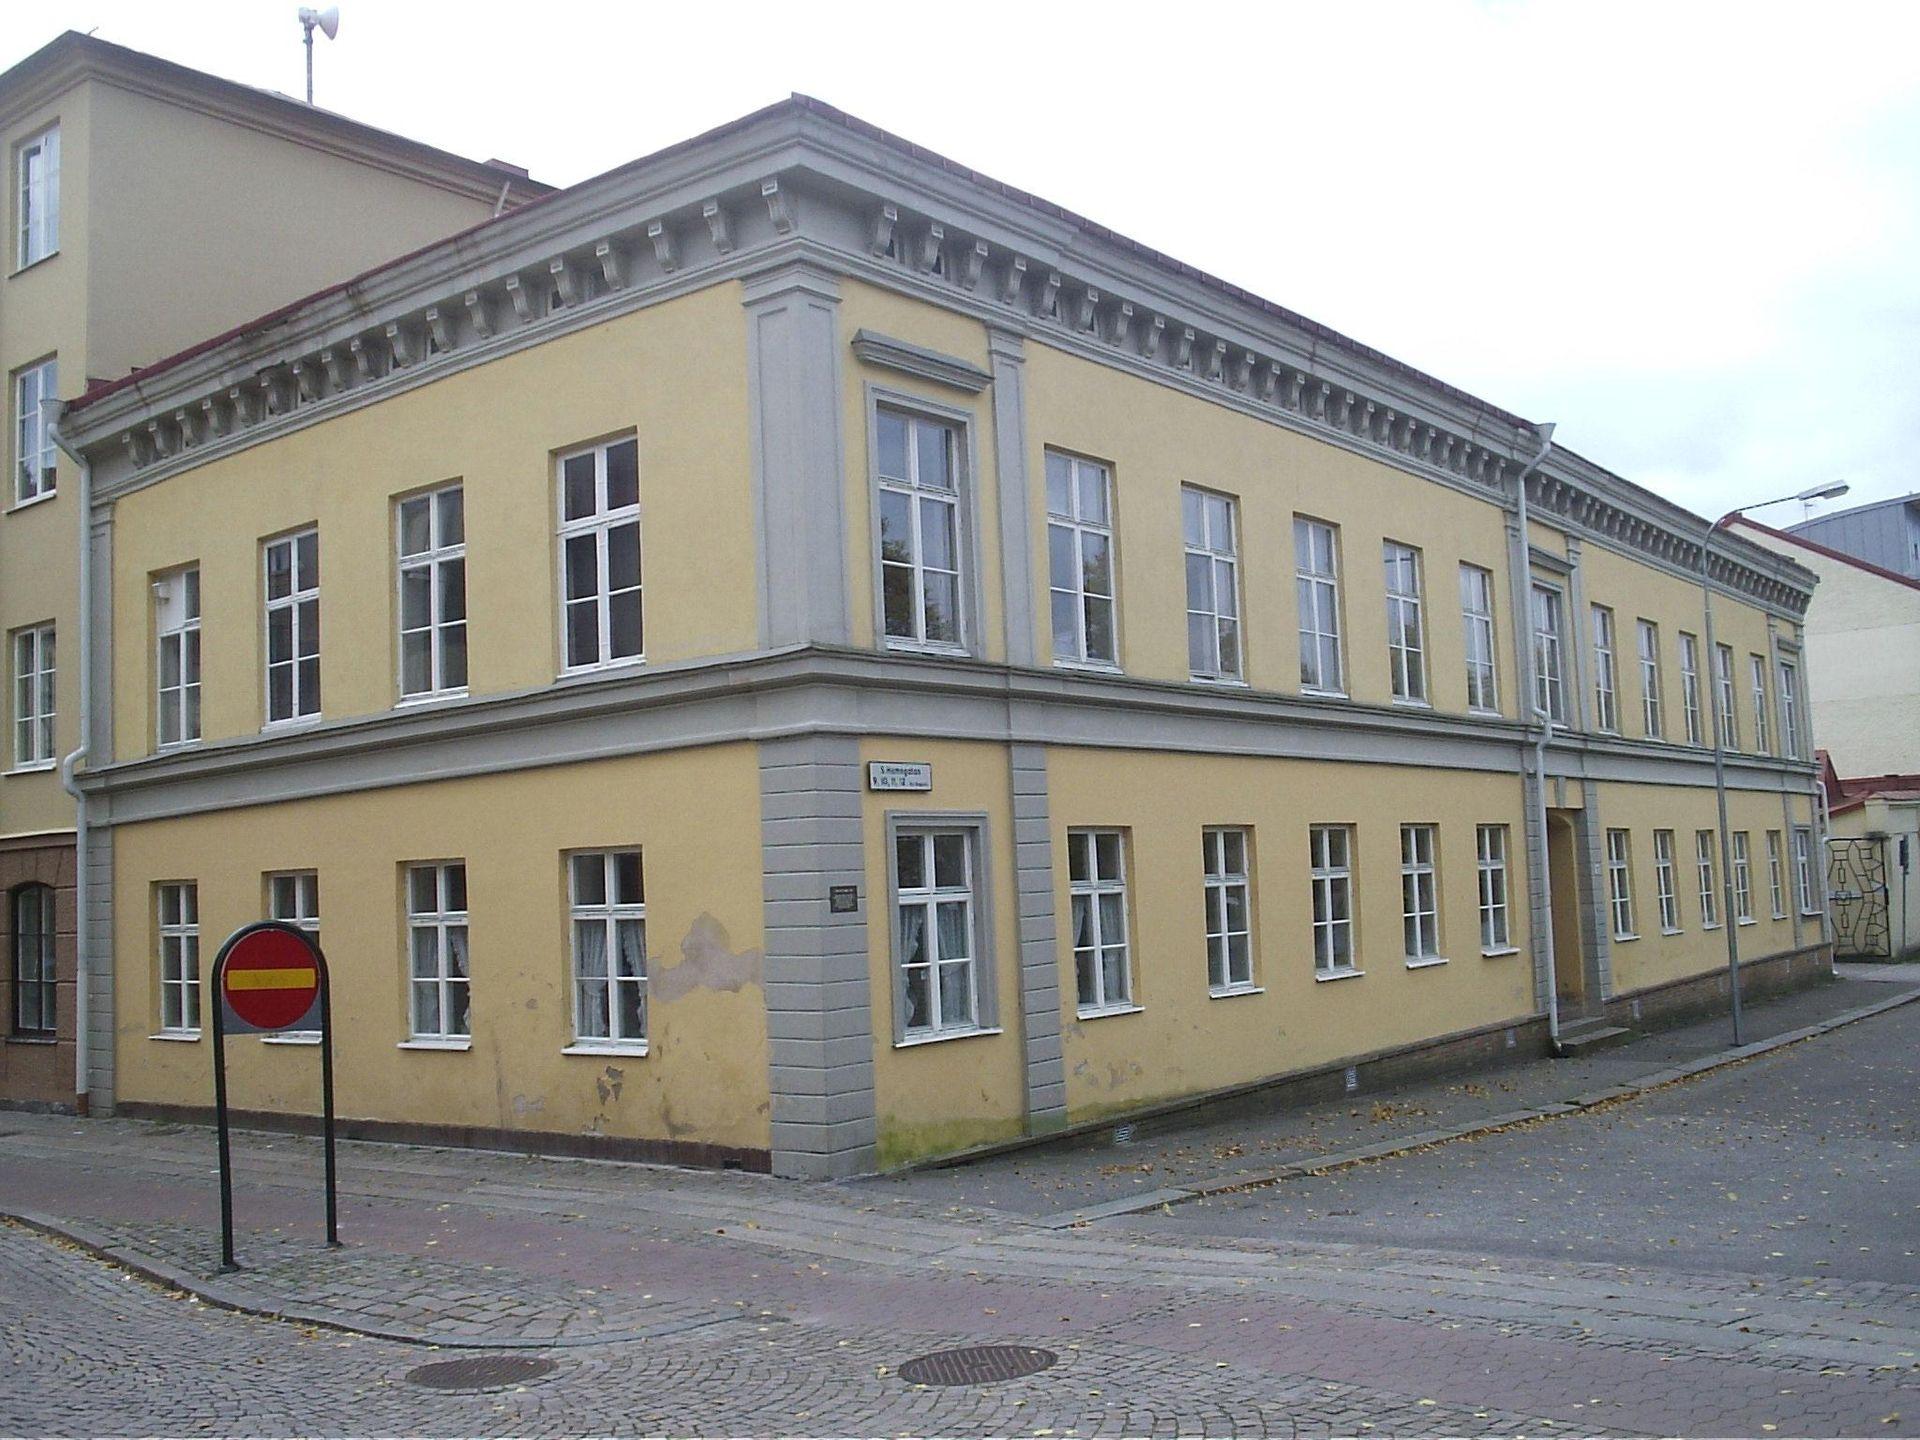 Natt och Dags hus i Uddevalla